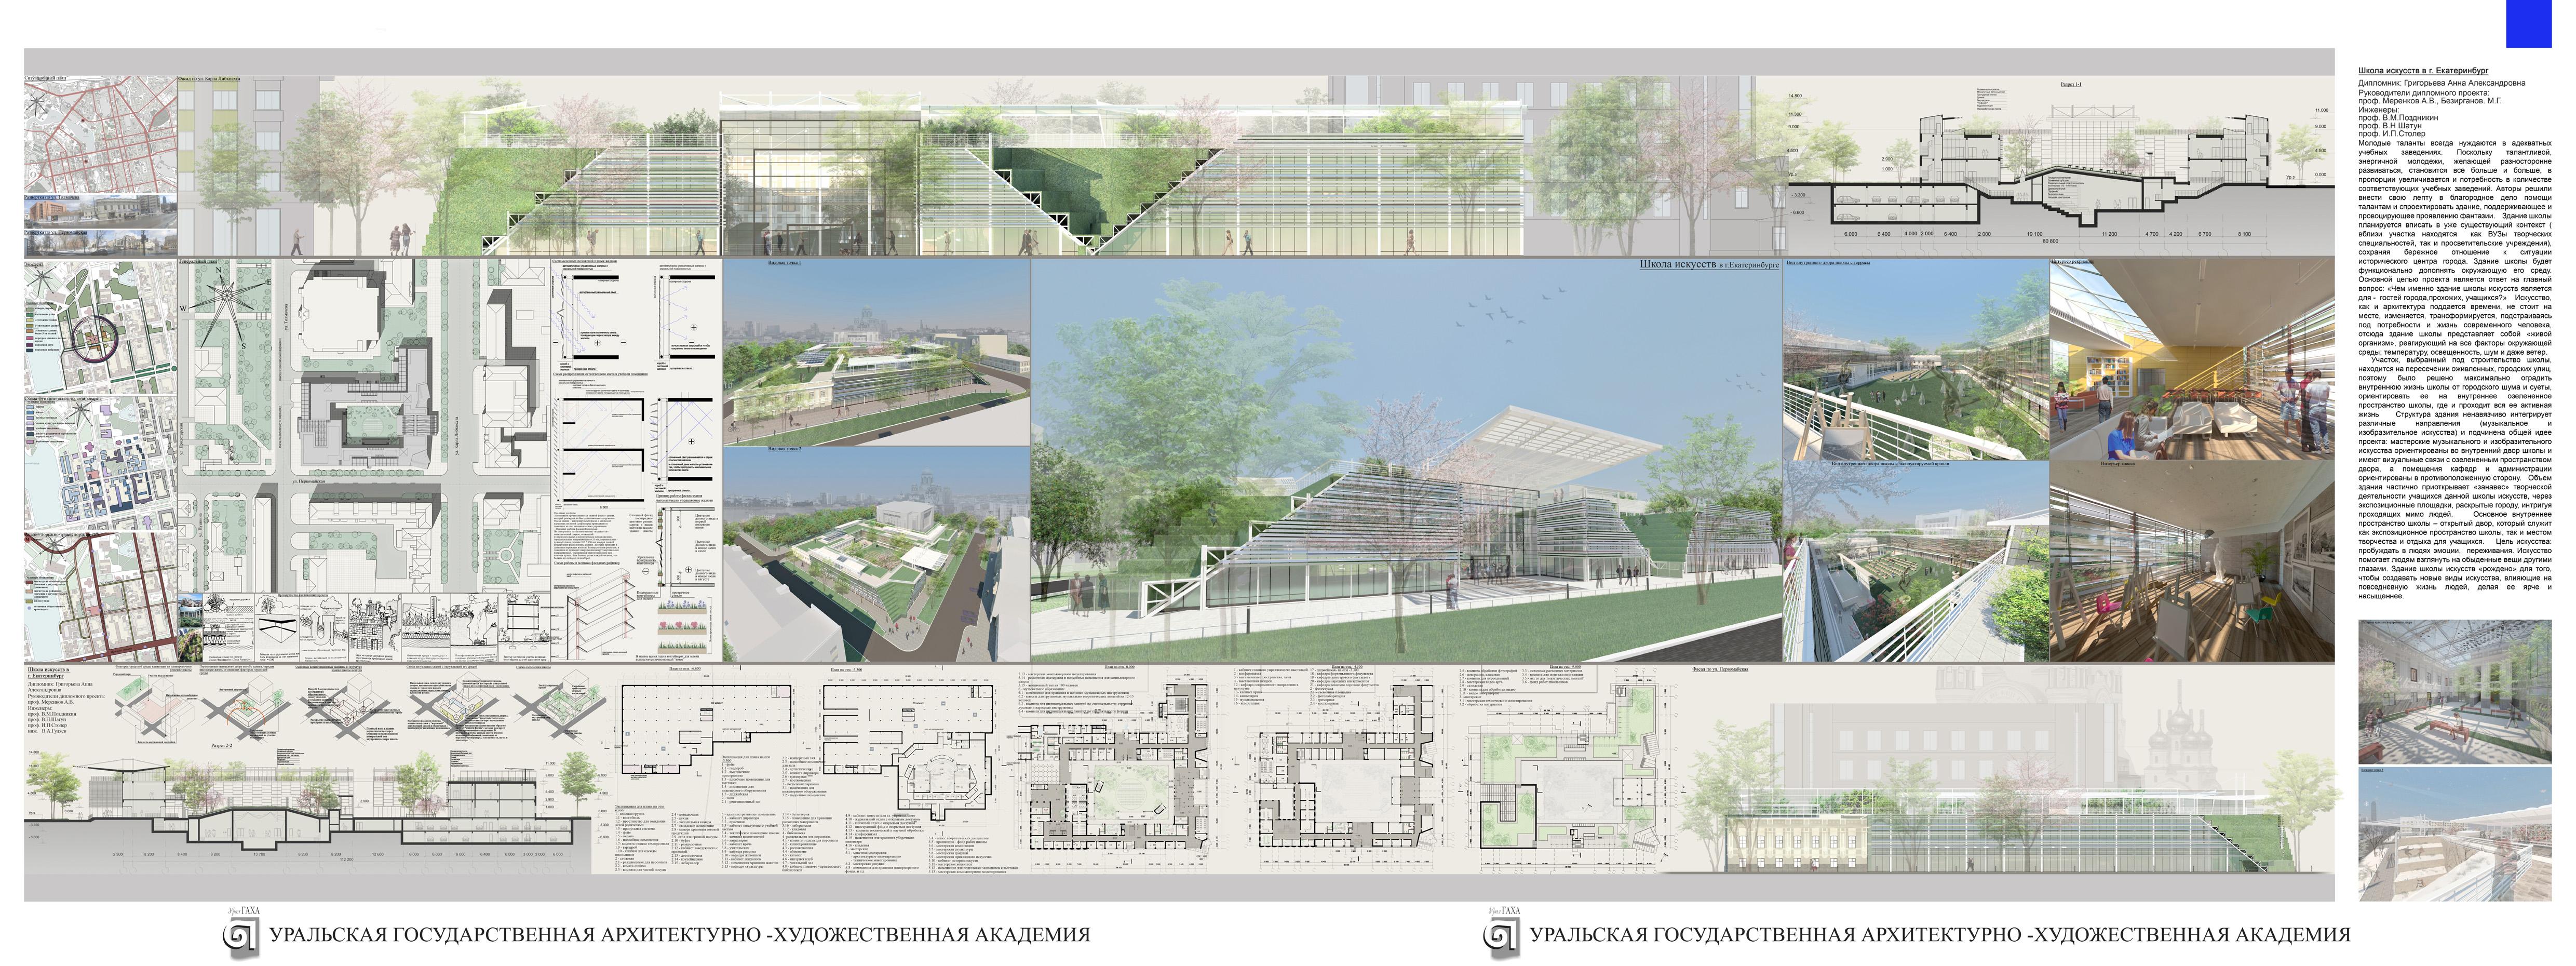 Дизайн архитектурной среды 15 группа